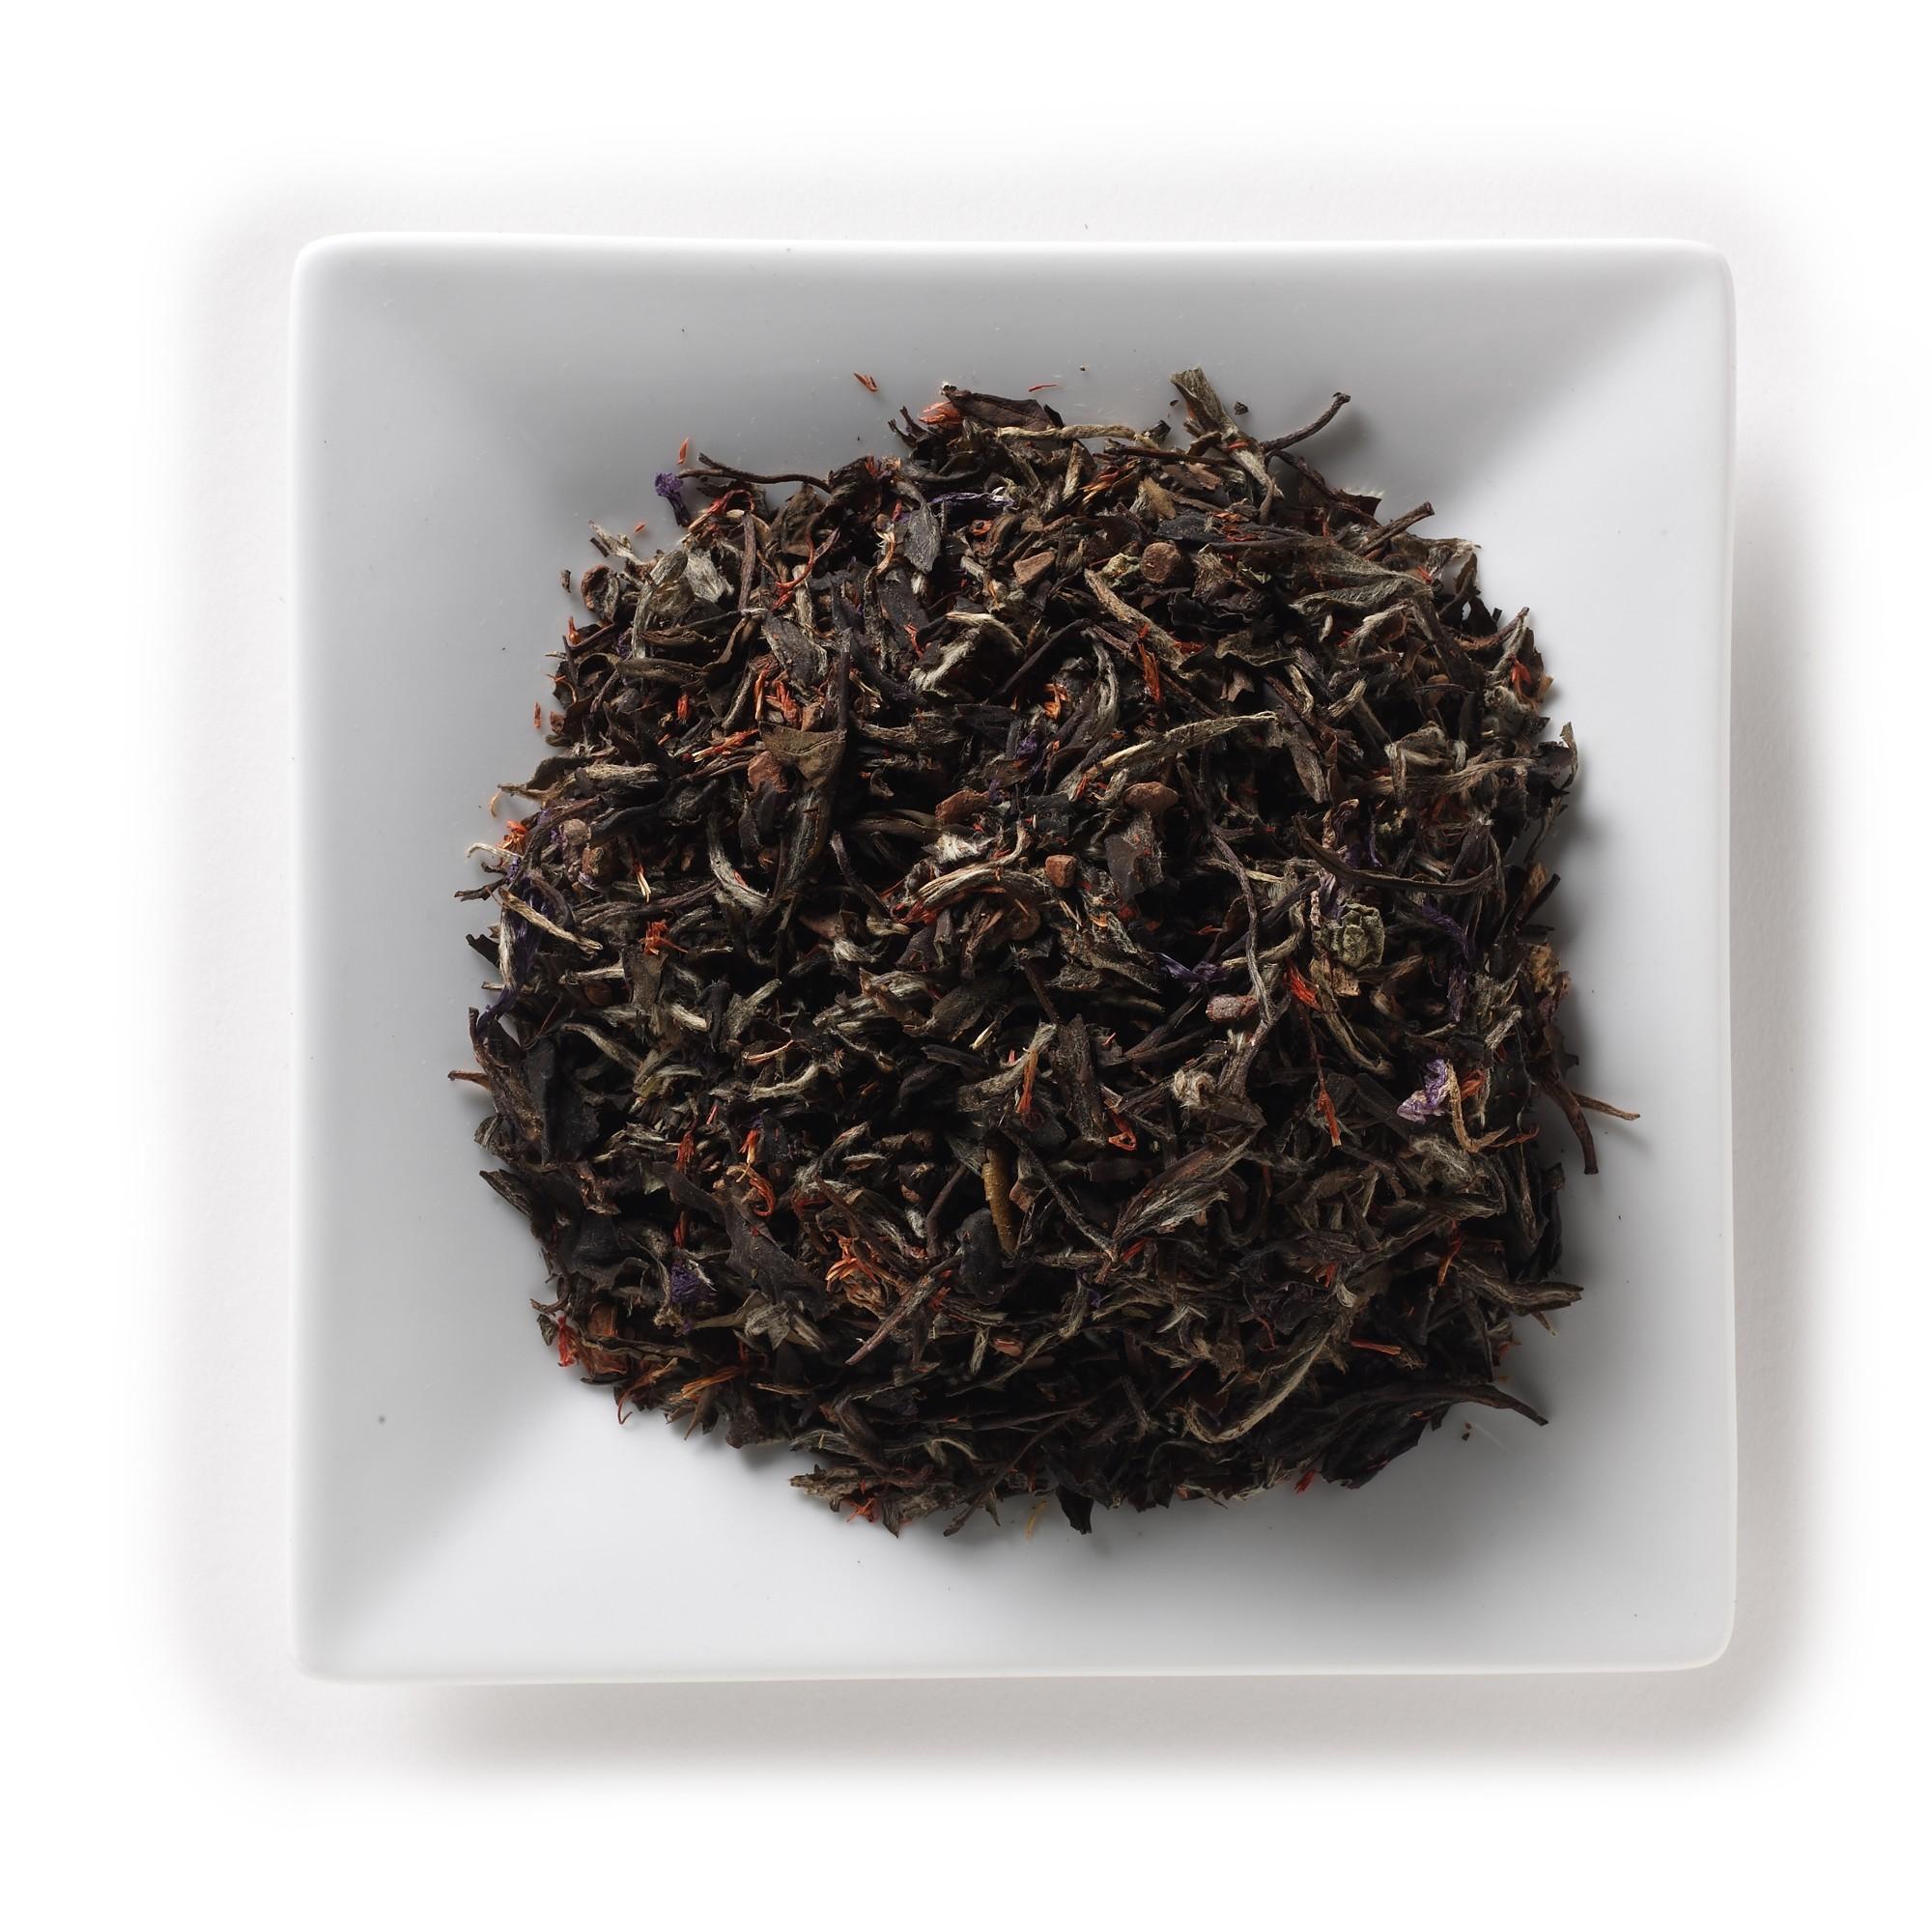 Cinnamon Bai Mu Dan